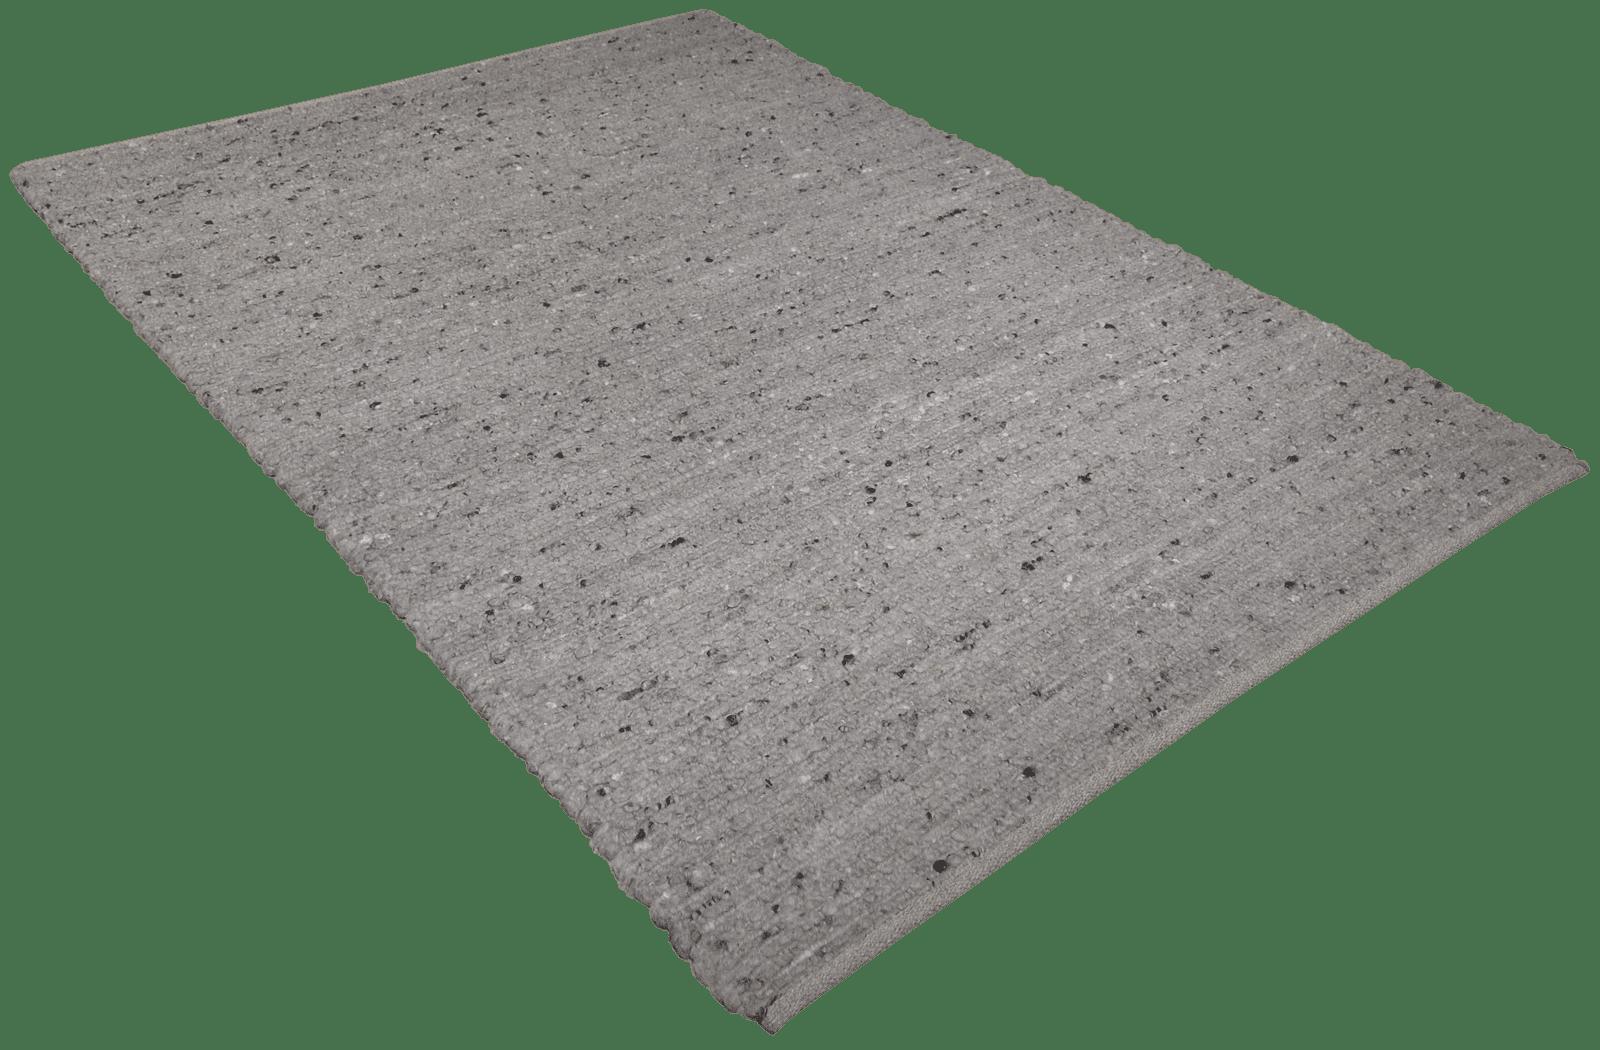 athmos-collection-design-tapijt-moderne-tapijten-handgeweven-design-exclusieve-luxe-vloerkleden-charcoal-grijs-antraciet-koreman-maastricht-03526-schuin.png